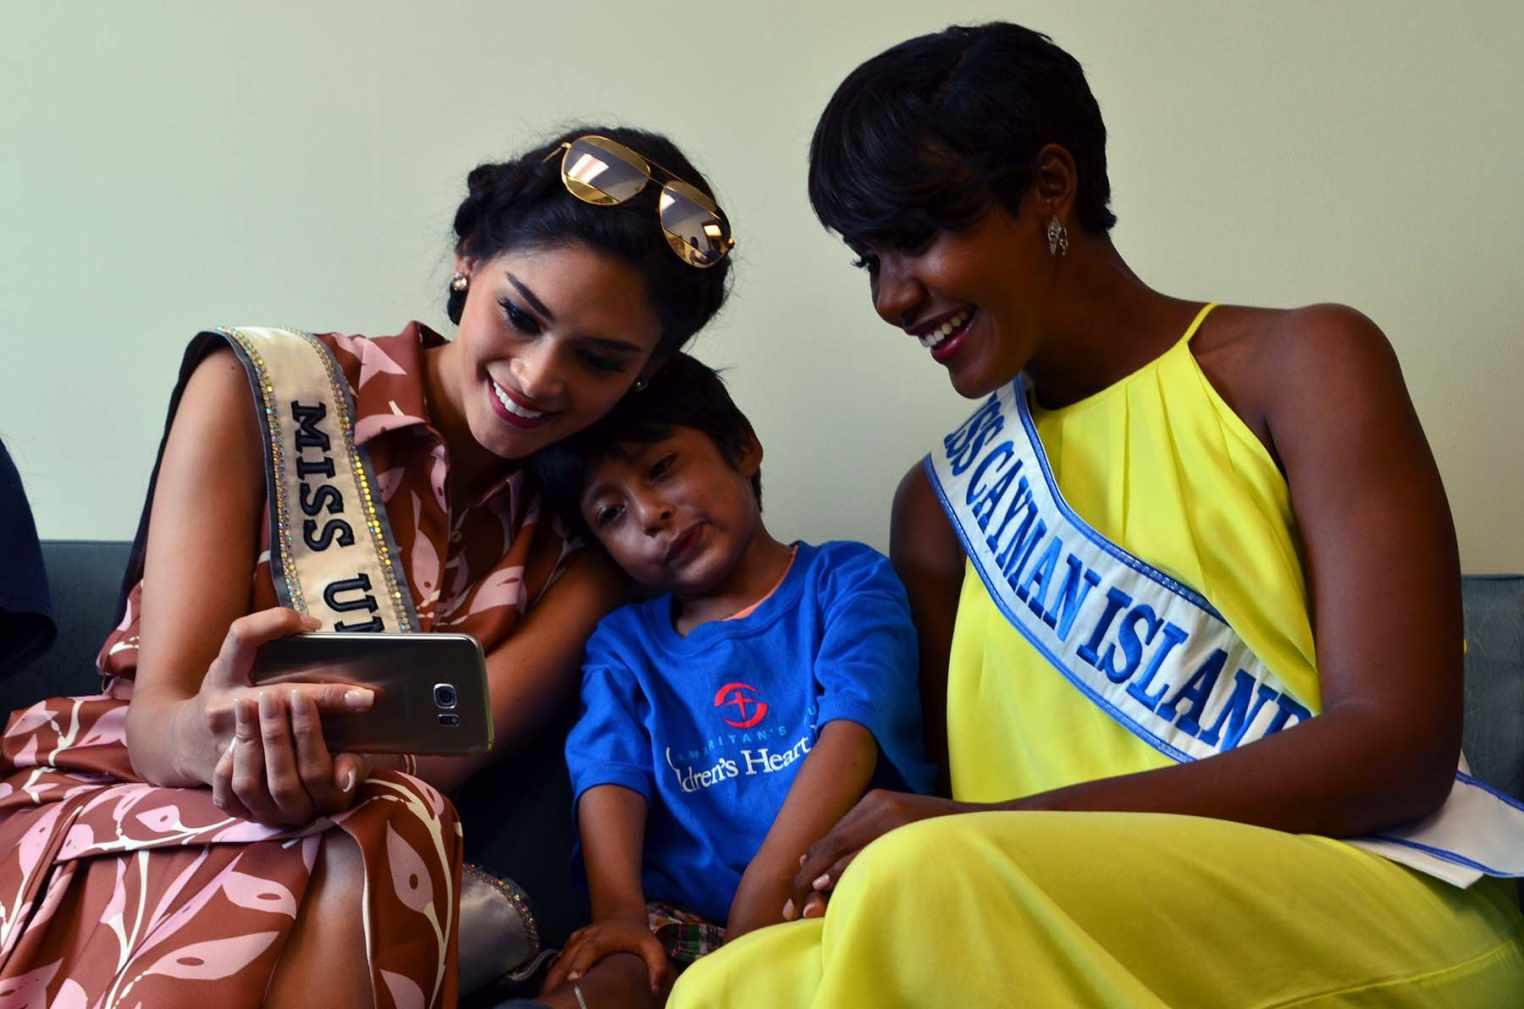 Miss Universo visita niños bolivianos operados de corazón en hospital del Caribe